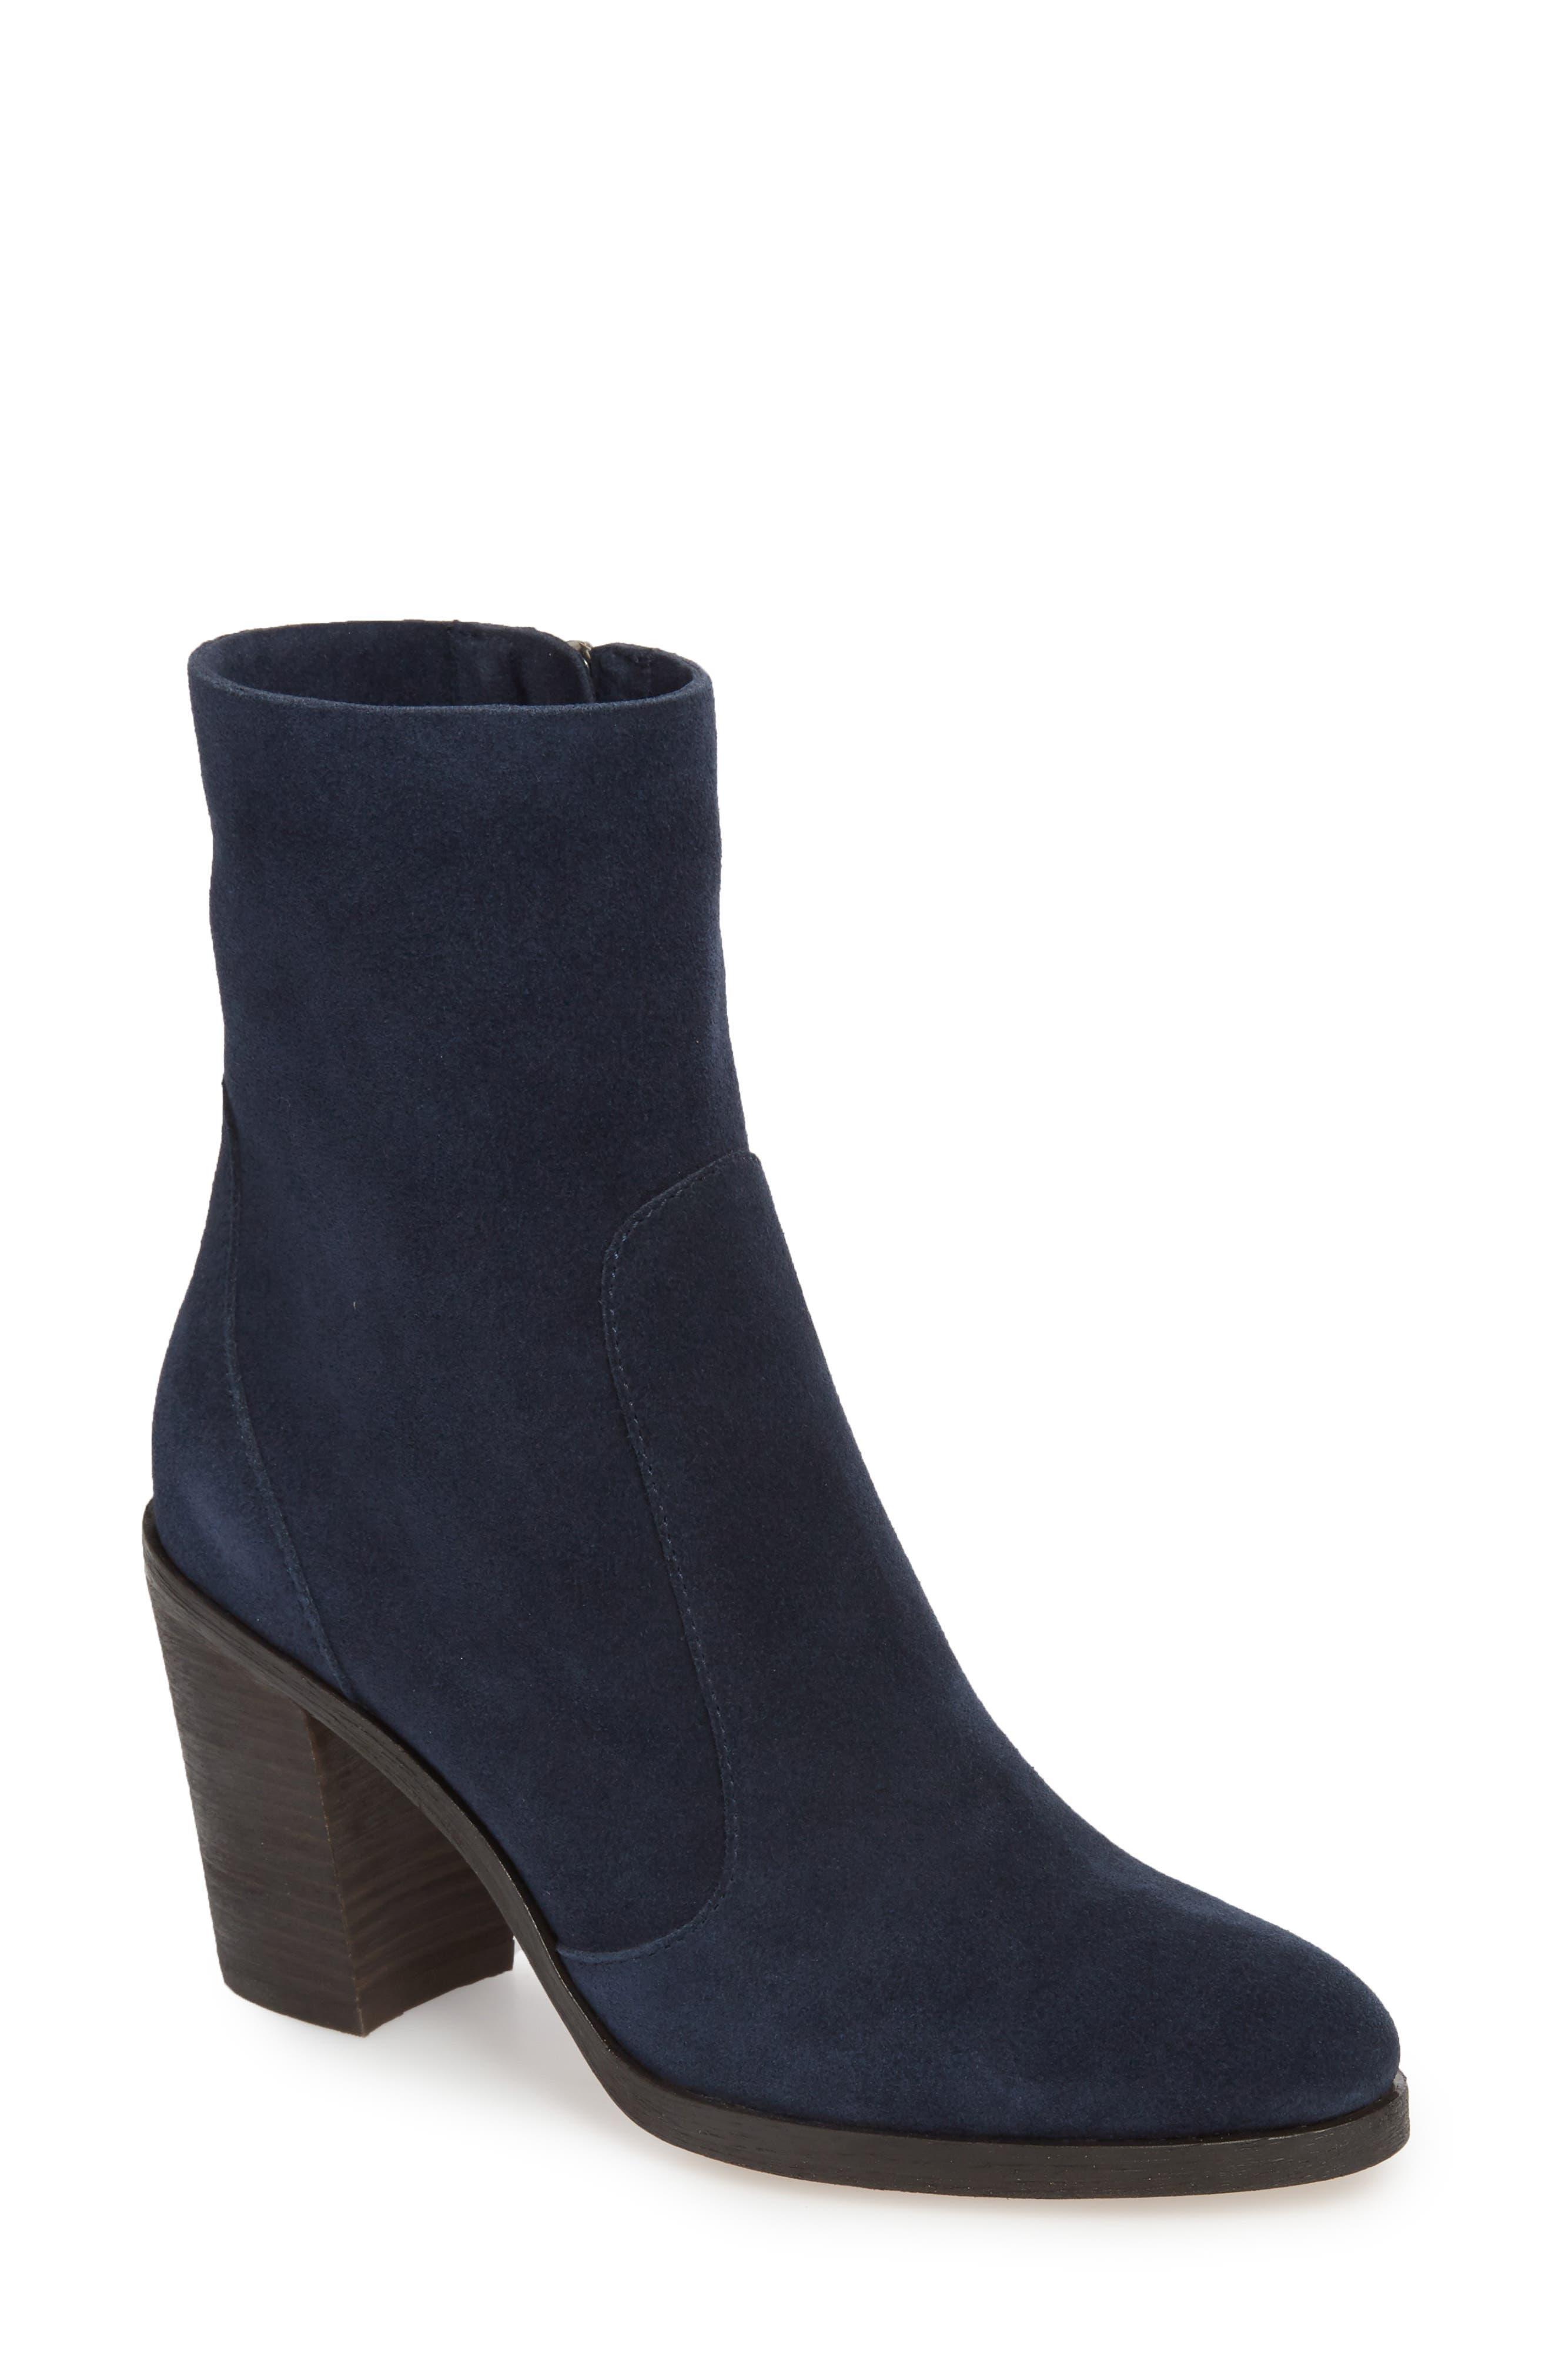 Splendid Roselyn Ii Almond Toe Bootie- Blue